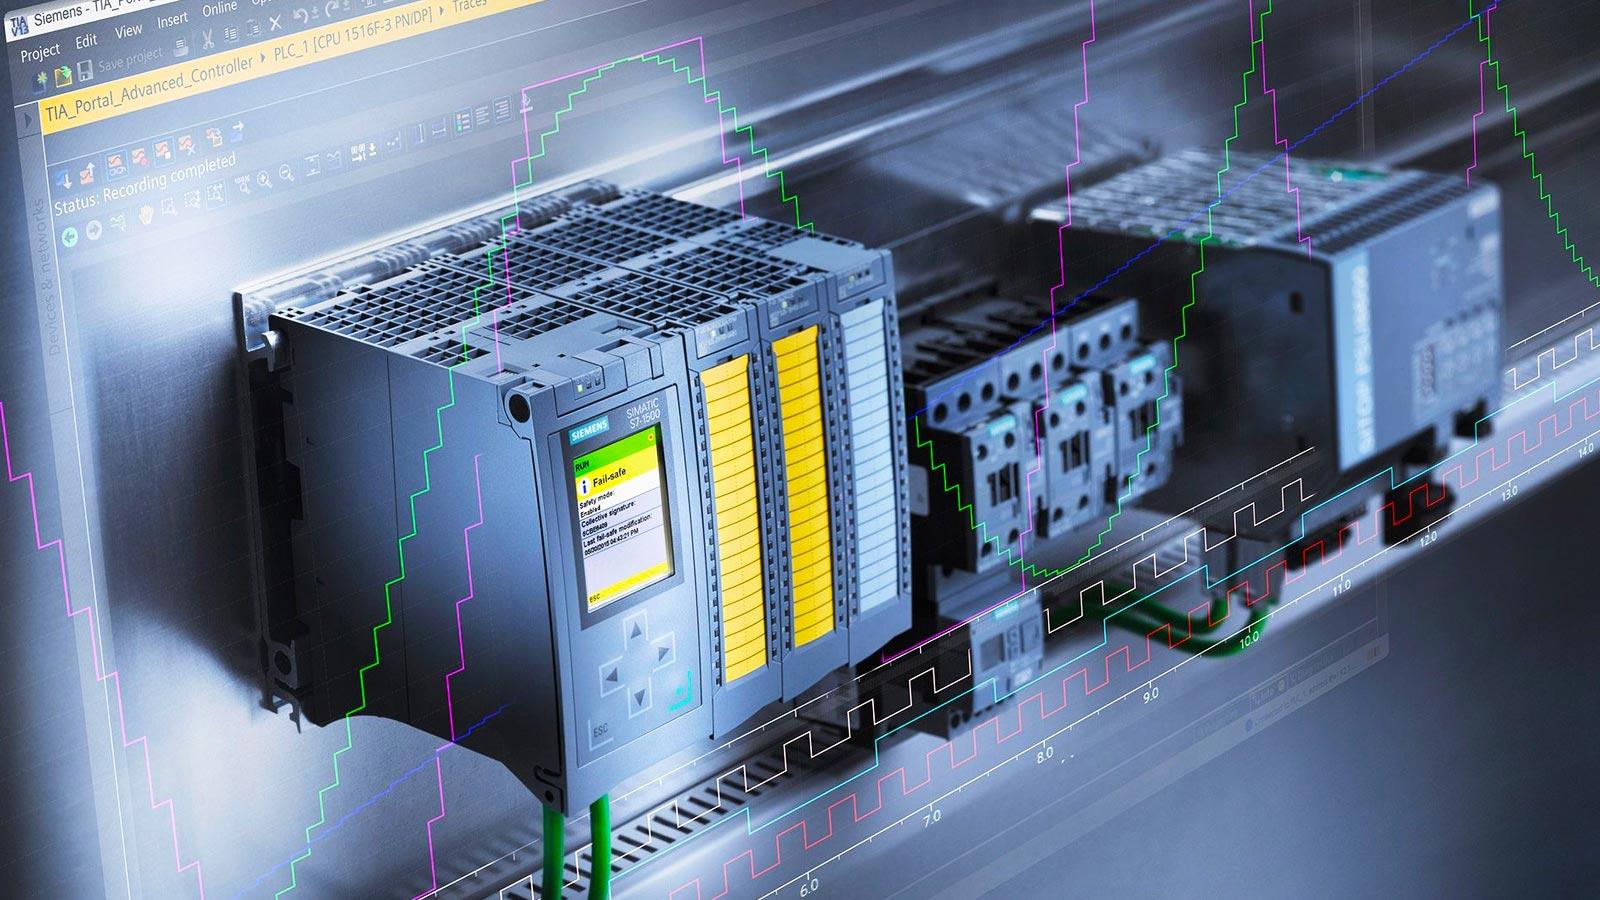 cignoli-elettroforniture-installazione-industriale-automazione-illuminazione-43